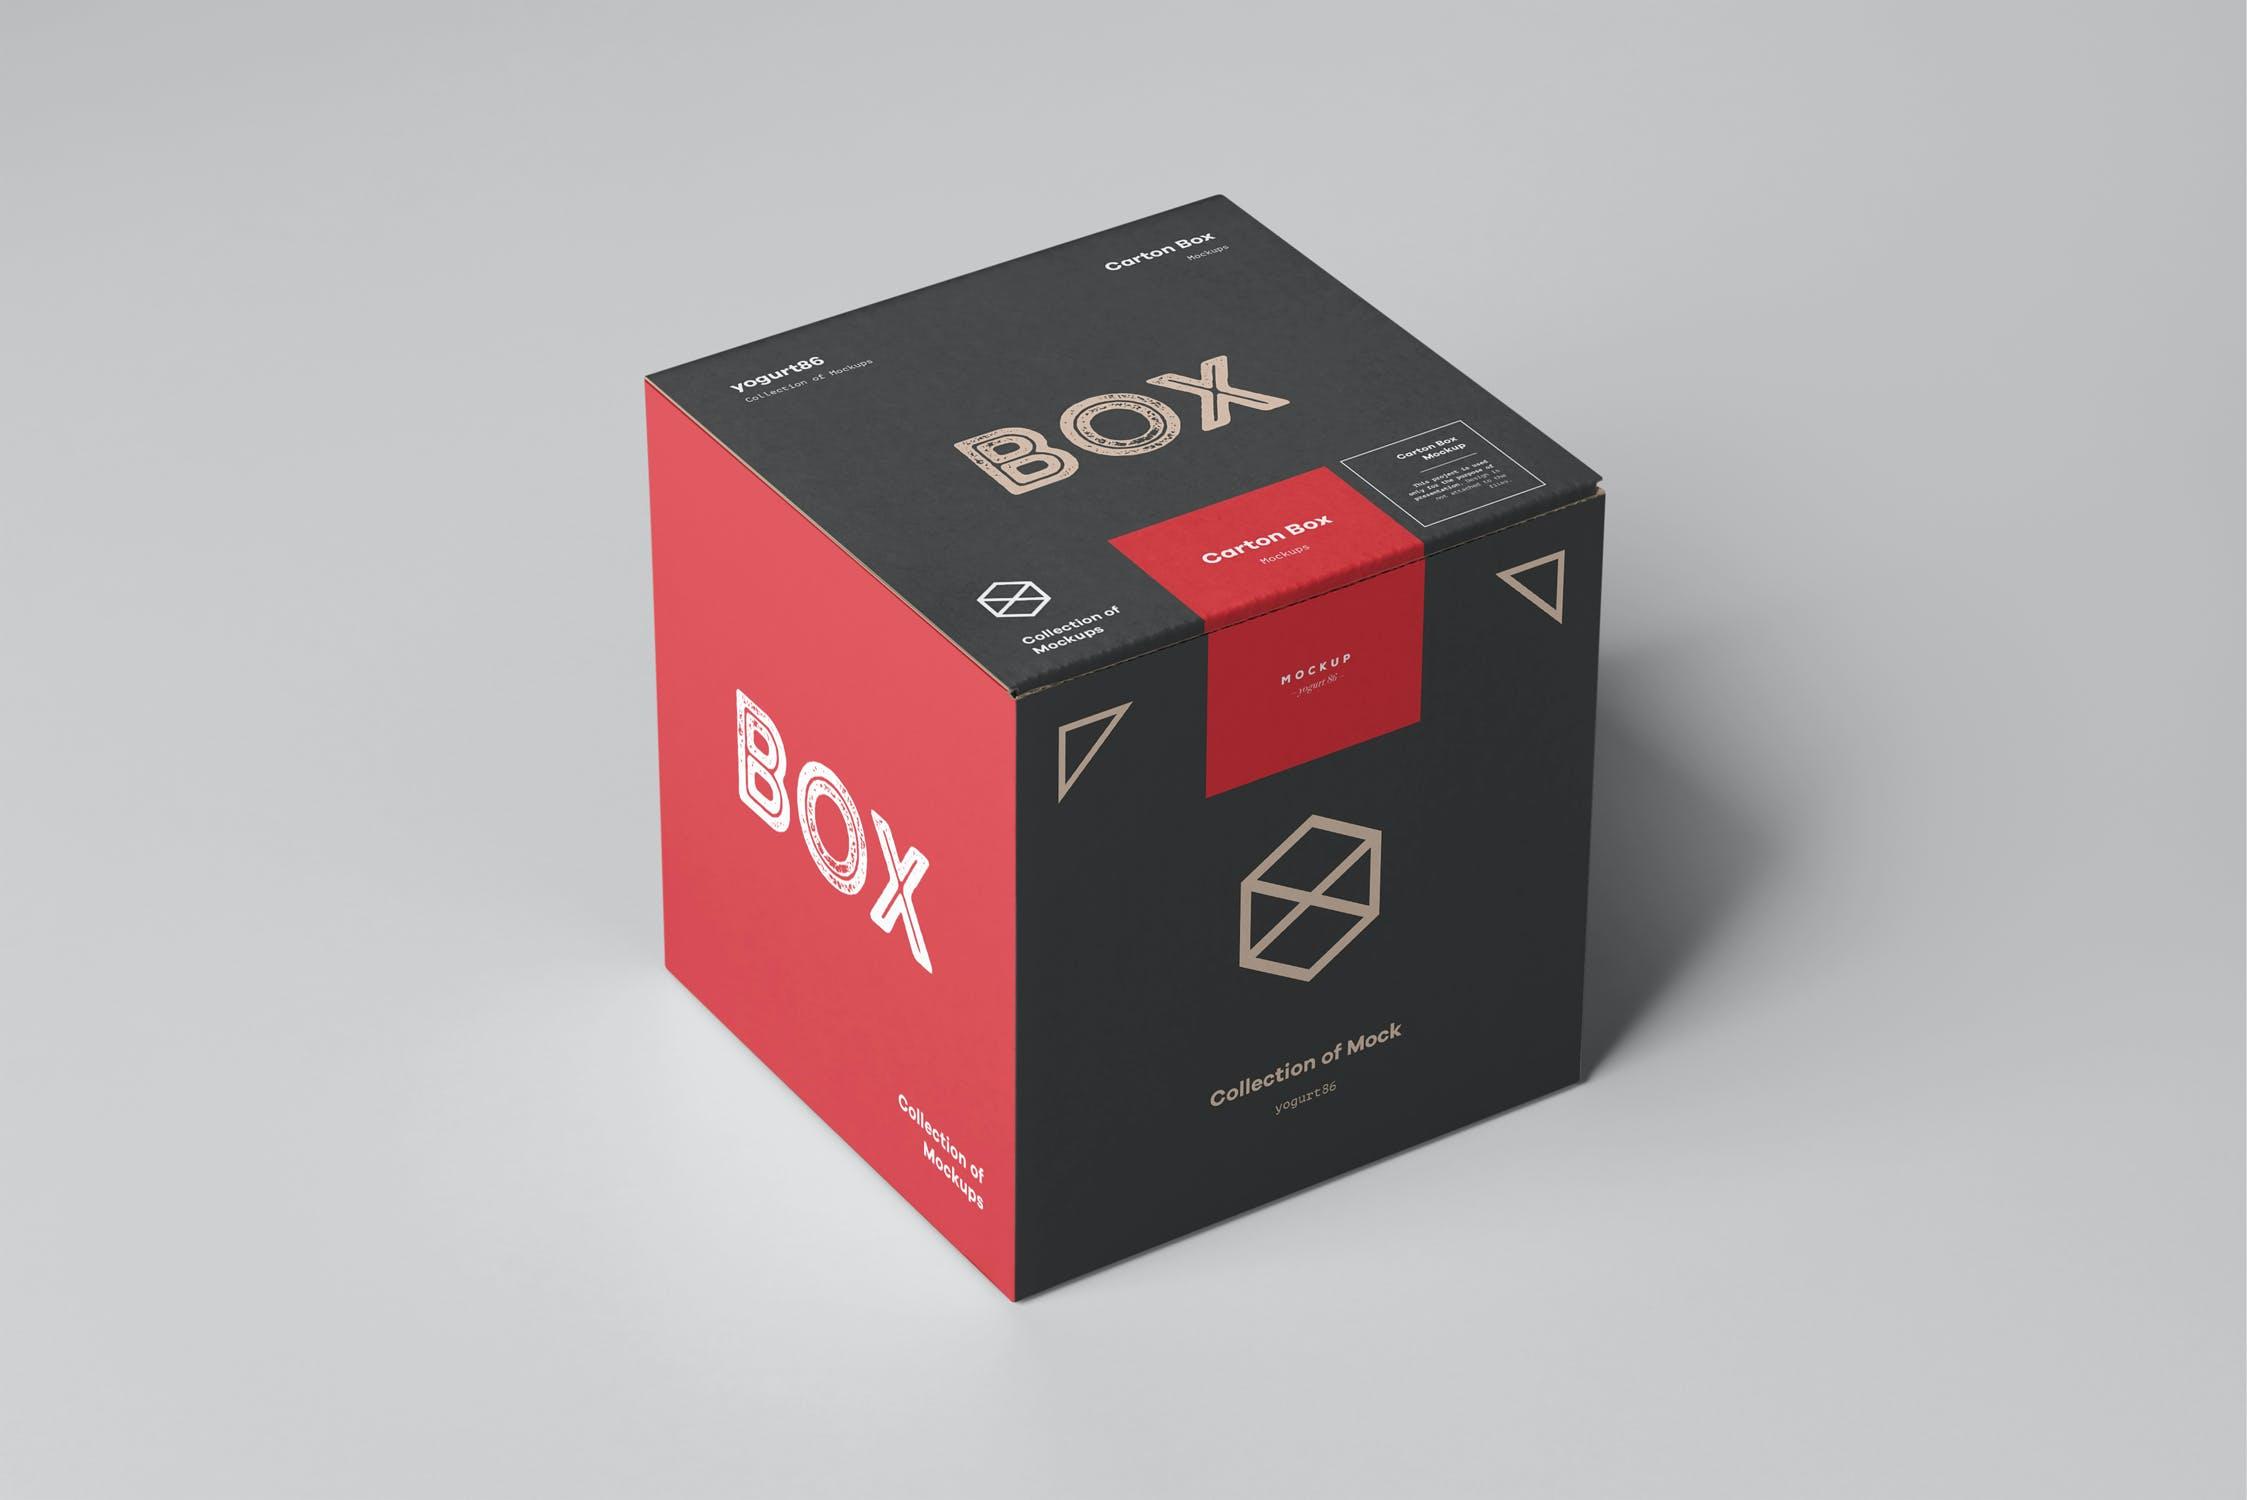 方形产品快递包装纸箱设计展示样机模板 Carton Box Mockup 100x100x100插图(4)